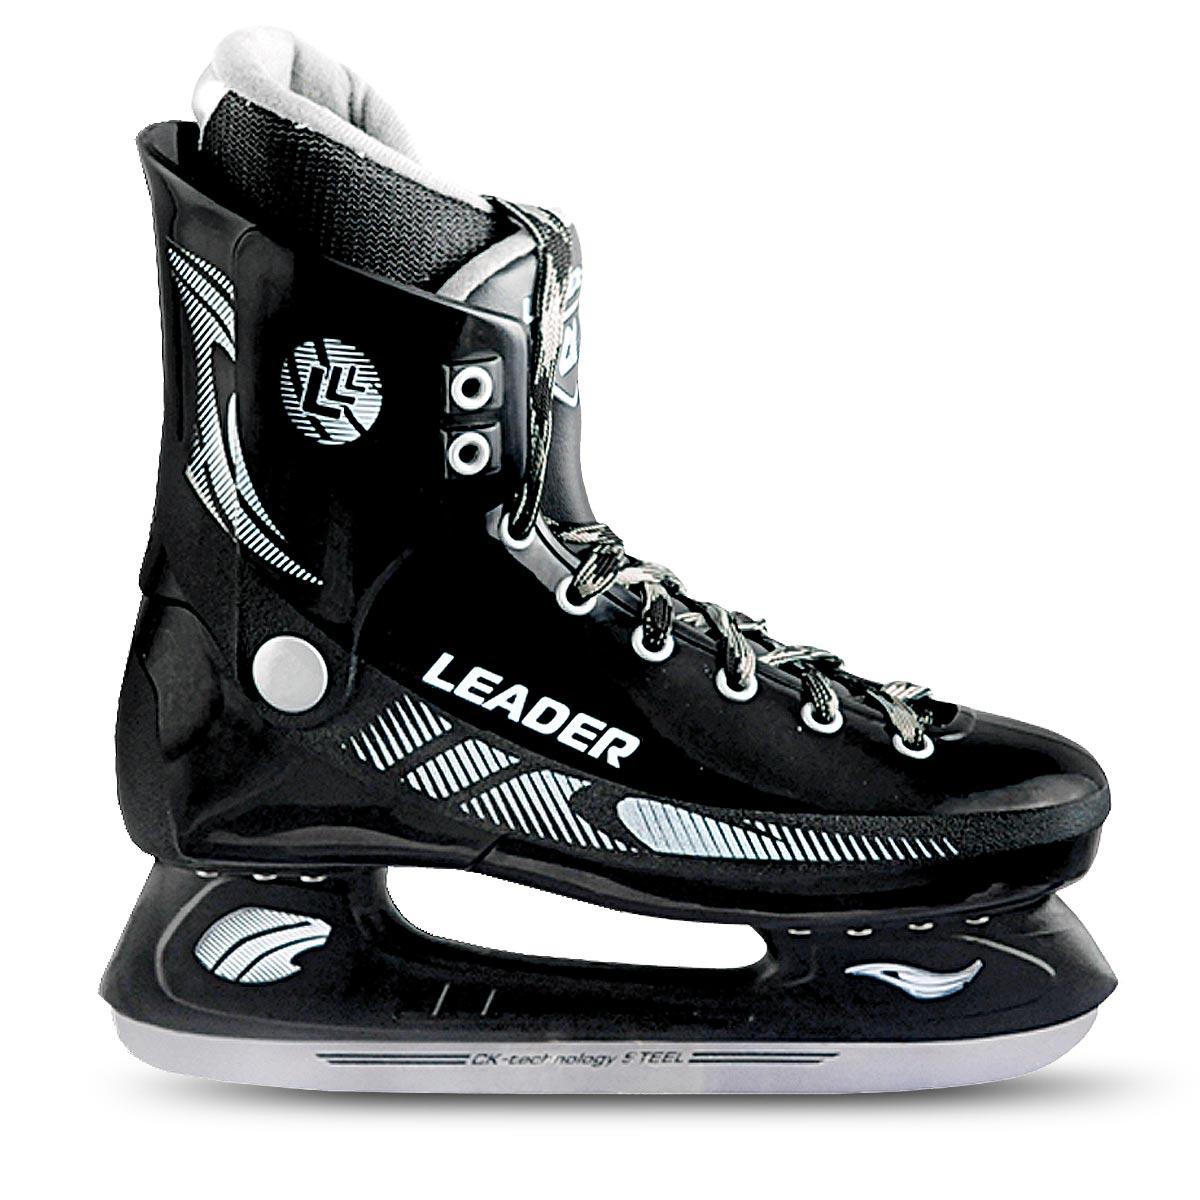 Коньки хоккейные мужские CK Leader, цвет: черный. Размер 37LEADER_черный_37Стильные коньки от CK Master Leader с ударопрочной защитной конструкцией отлично подойдут для начинающих обучаться катанию. Ботинки изготовлены из морозостойкого полимера, который защитит ноги от ударов. Верх изделия оформлен классической шнуровкой, надежно фиксирующей голеностоп. Сапожок, выполненный из комбинации капровелюра и искусственной кожи, оформлен принтом и тиснением в виде логотипа бренда. Внутренняя поверхность, дополненная утеплителем, и стелька исполнены из текстиля. Фигурное лезвие изготовлено из легированной стали со специальным покрытием, придающим дополнительную прочность.Усиленная двухстаканная рама декорирована с одной из боковых сторон оригинальным принтом. Стильные коньки придутся вам по душе.